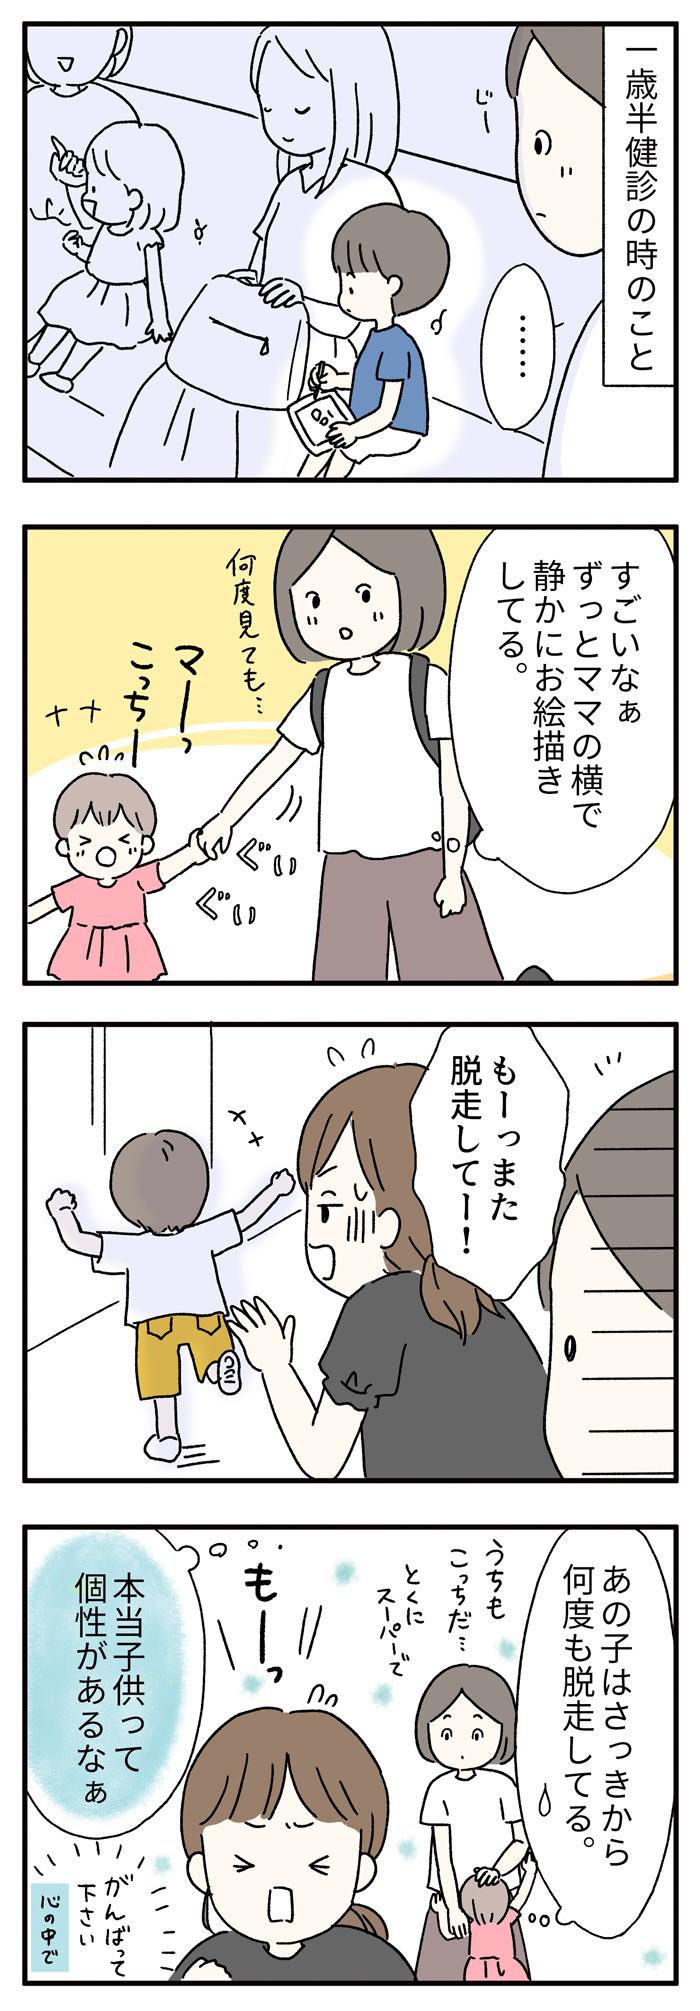 一歳半健診【育児漫画】